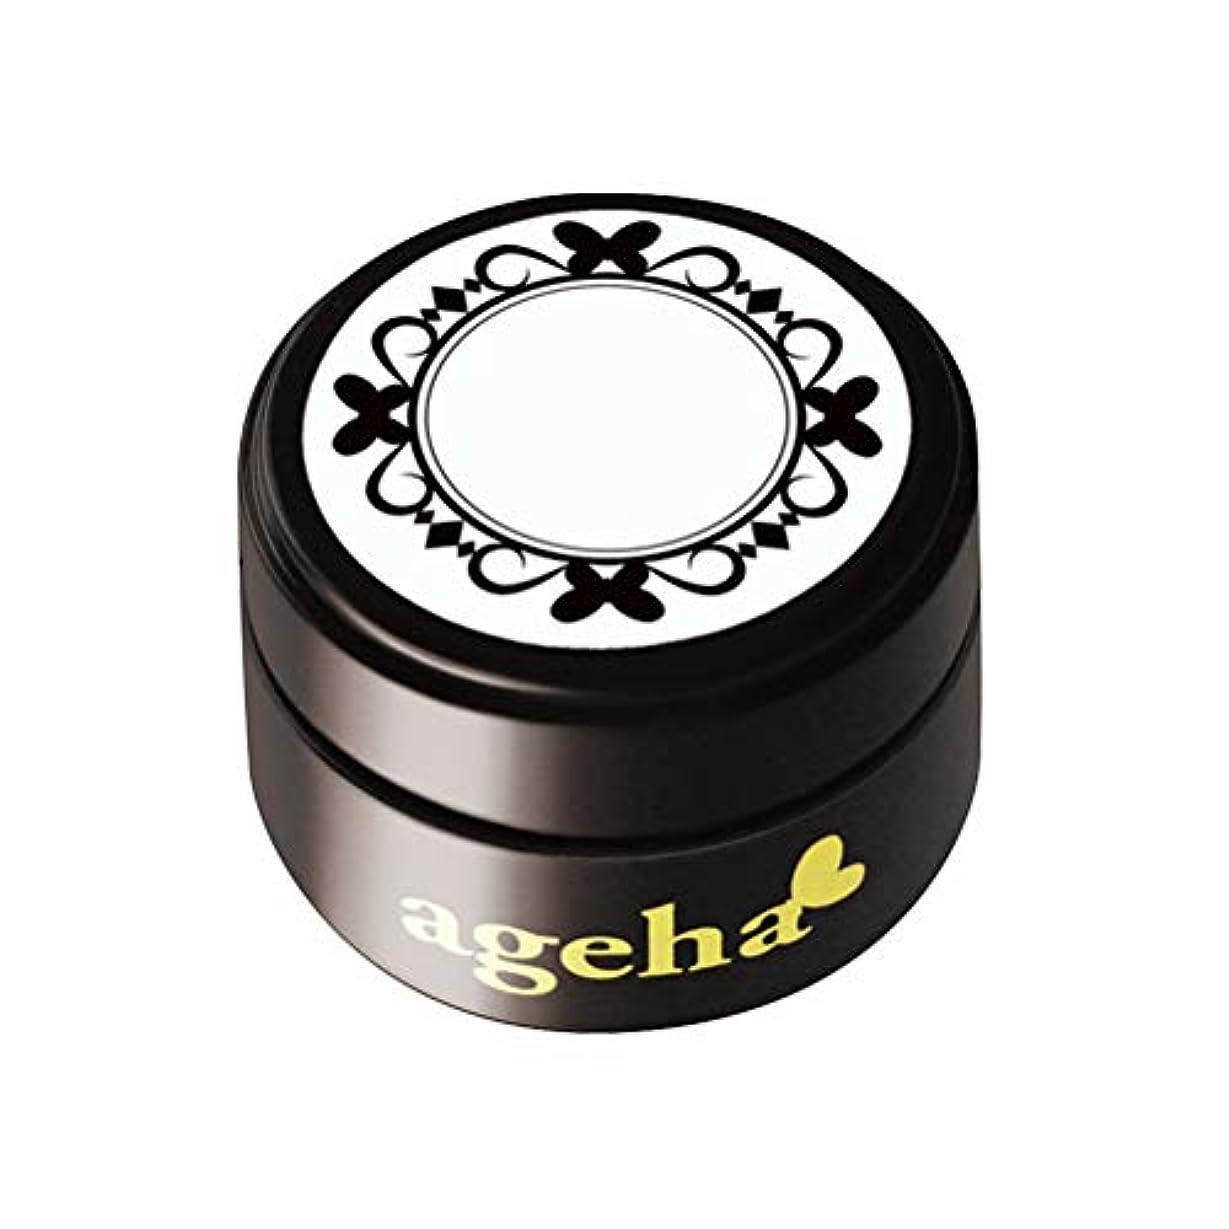 行圧力ヒュームageha コスメカラー 423 ルミナスゴールド 2.7g UV/LED対応